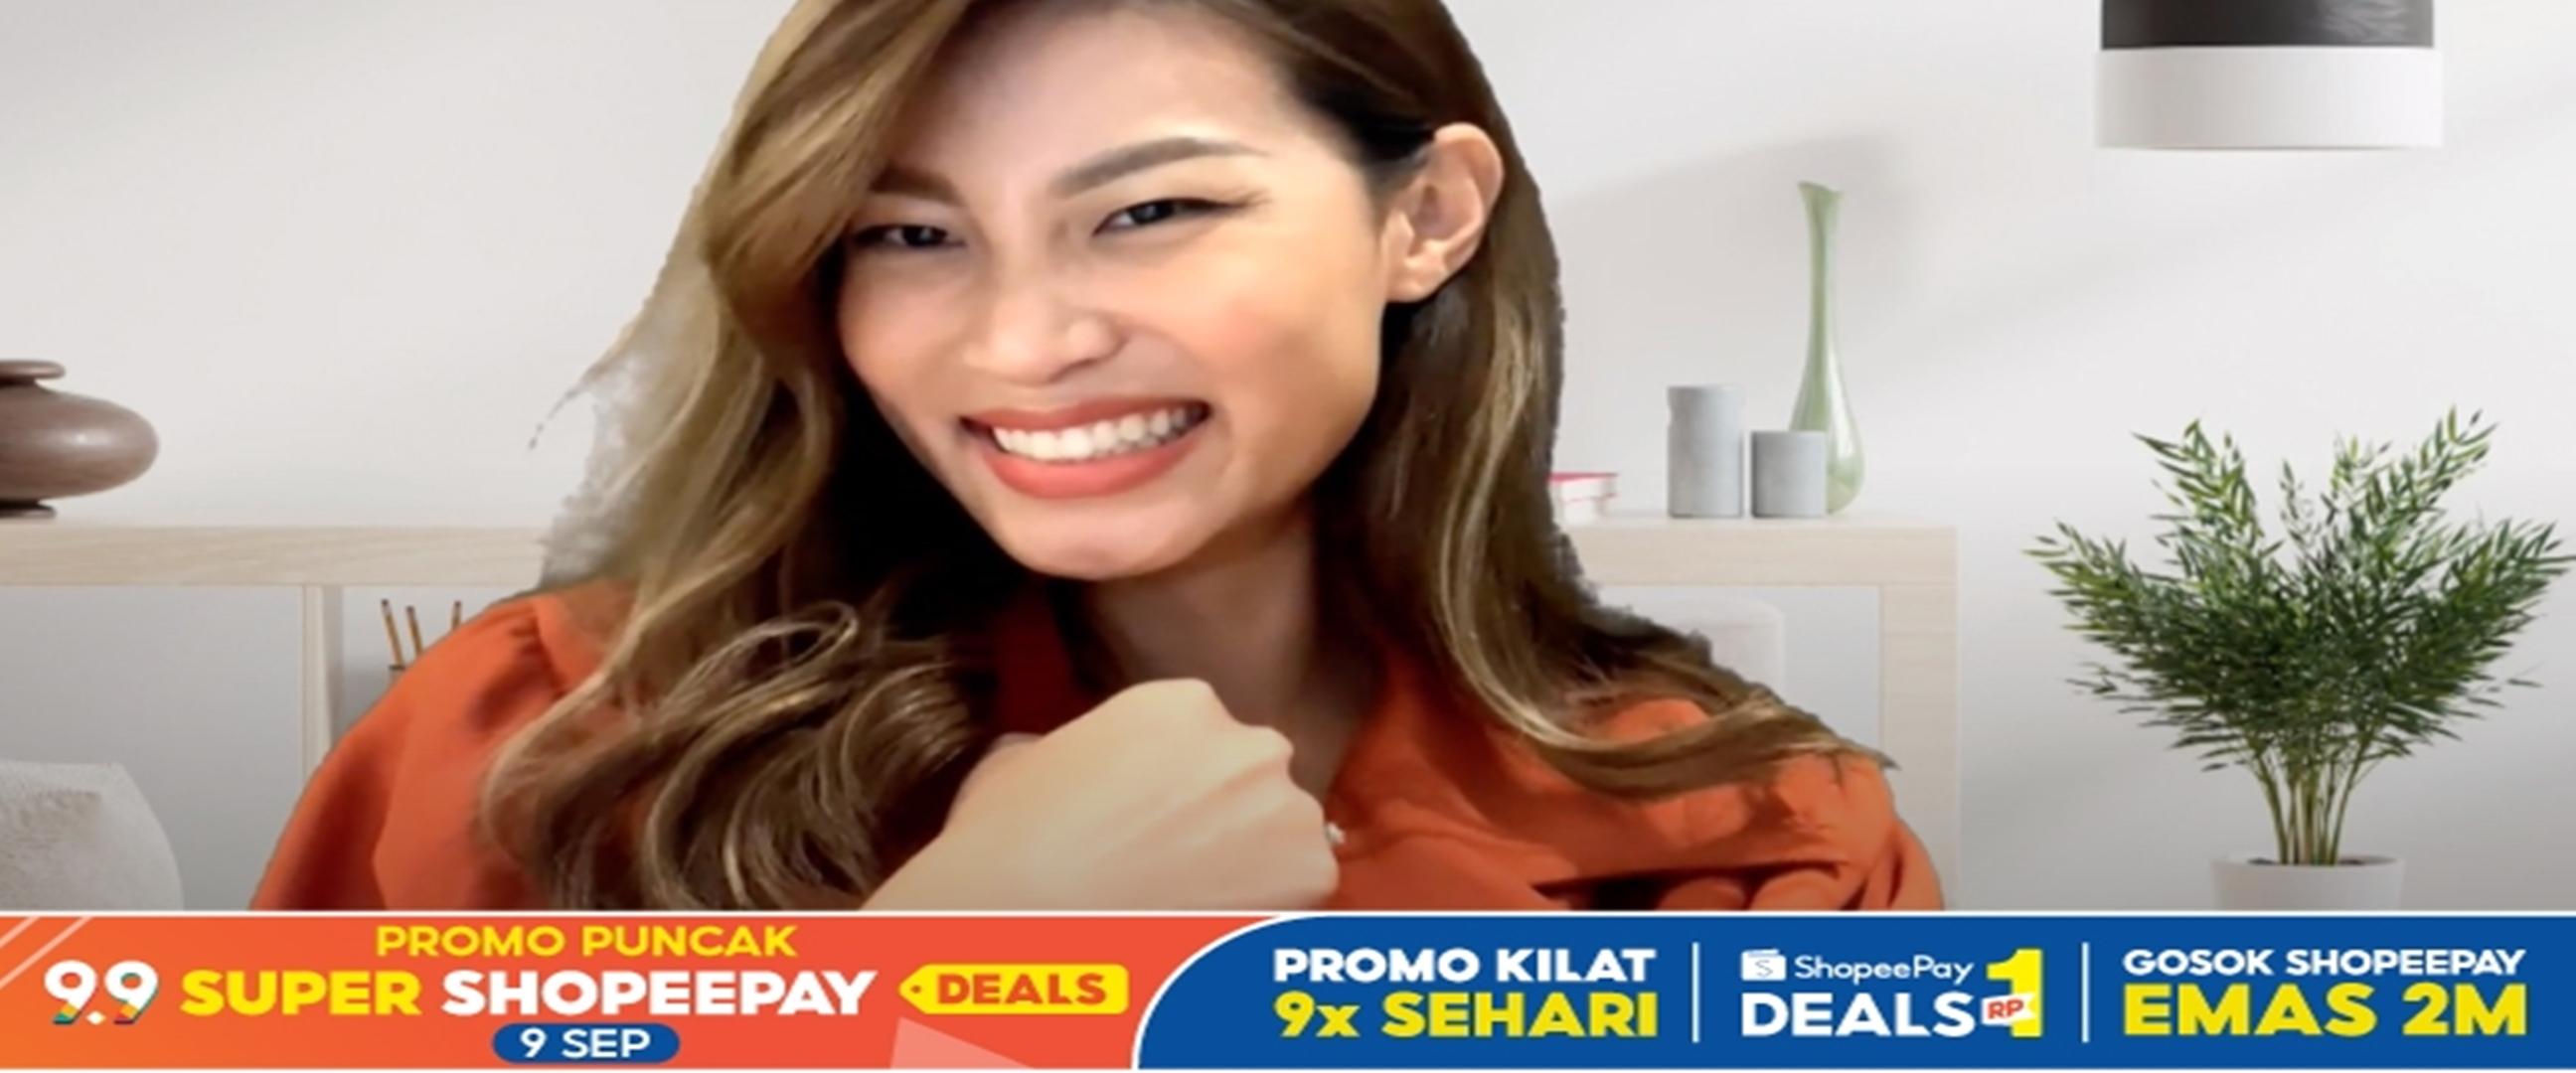 5 Tips cuan besar di promo 9.9 Super ShopeePay Deals ala Patricia Gouw